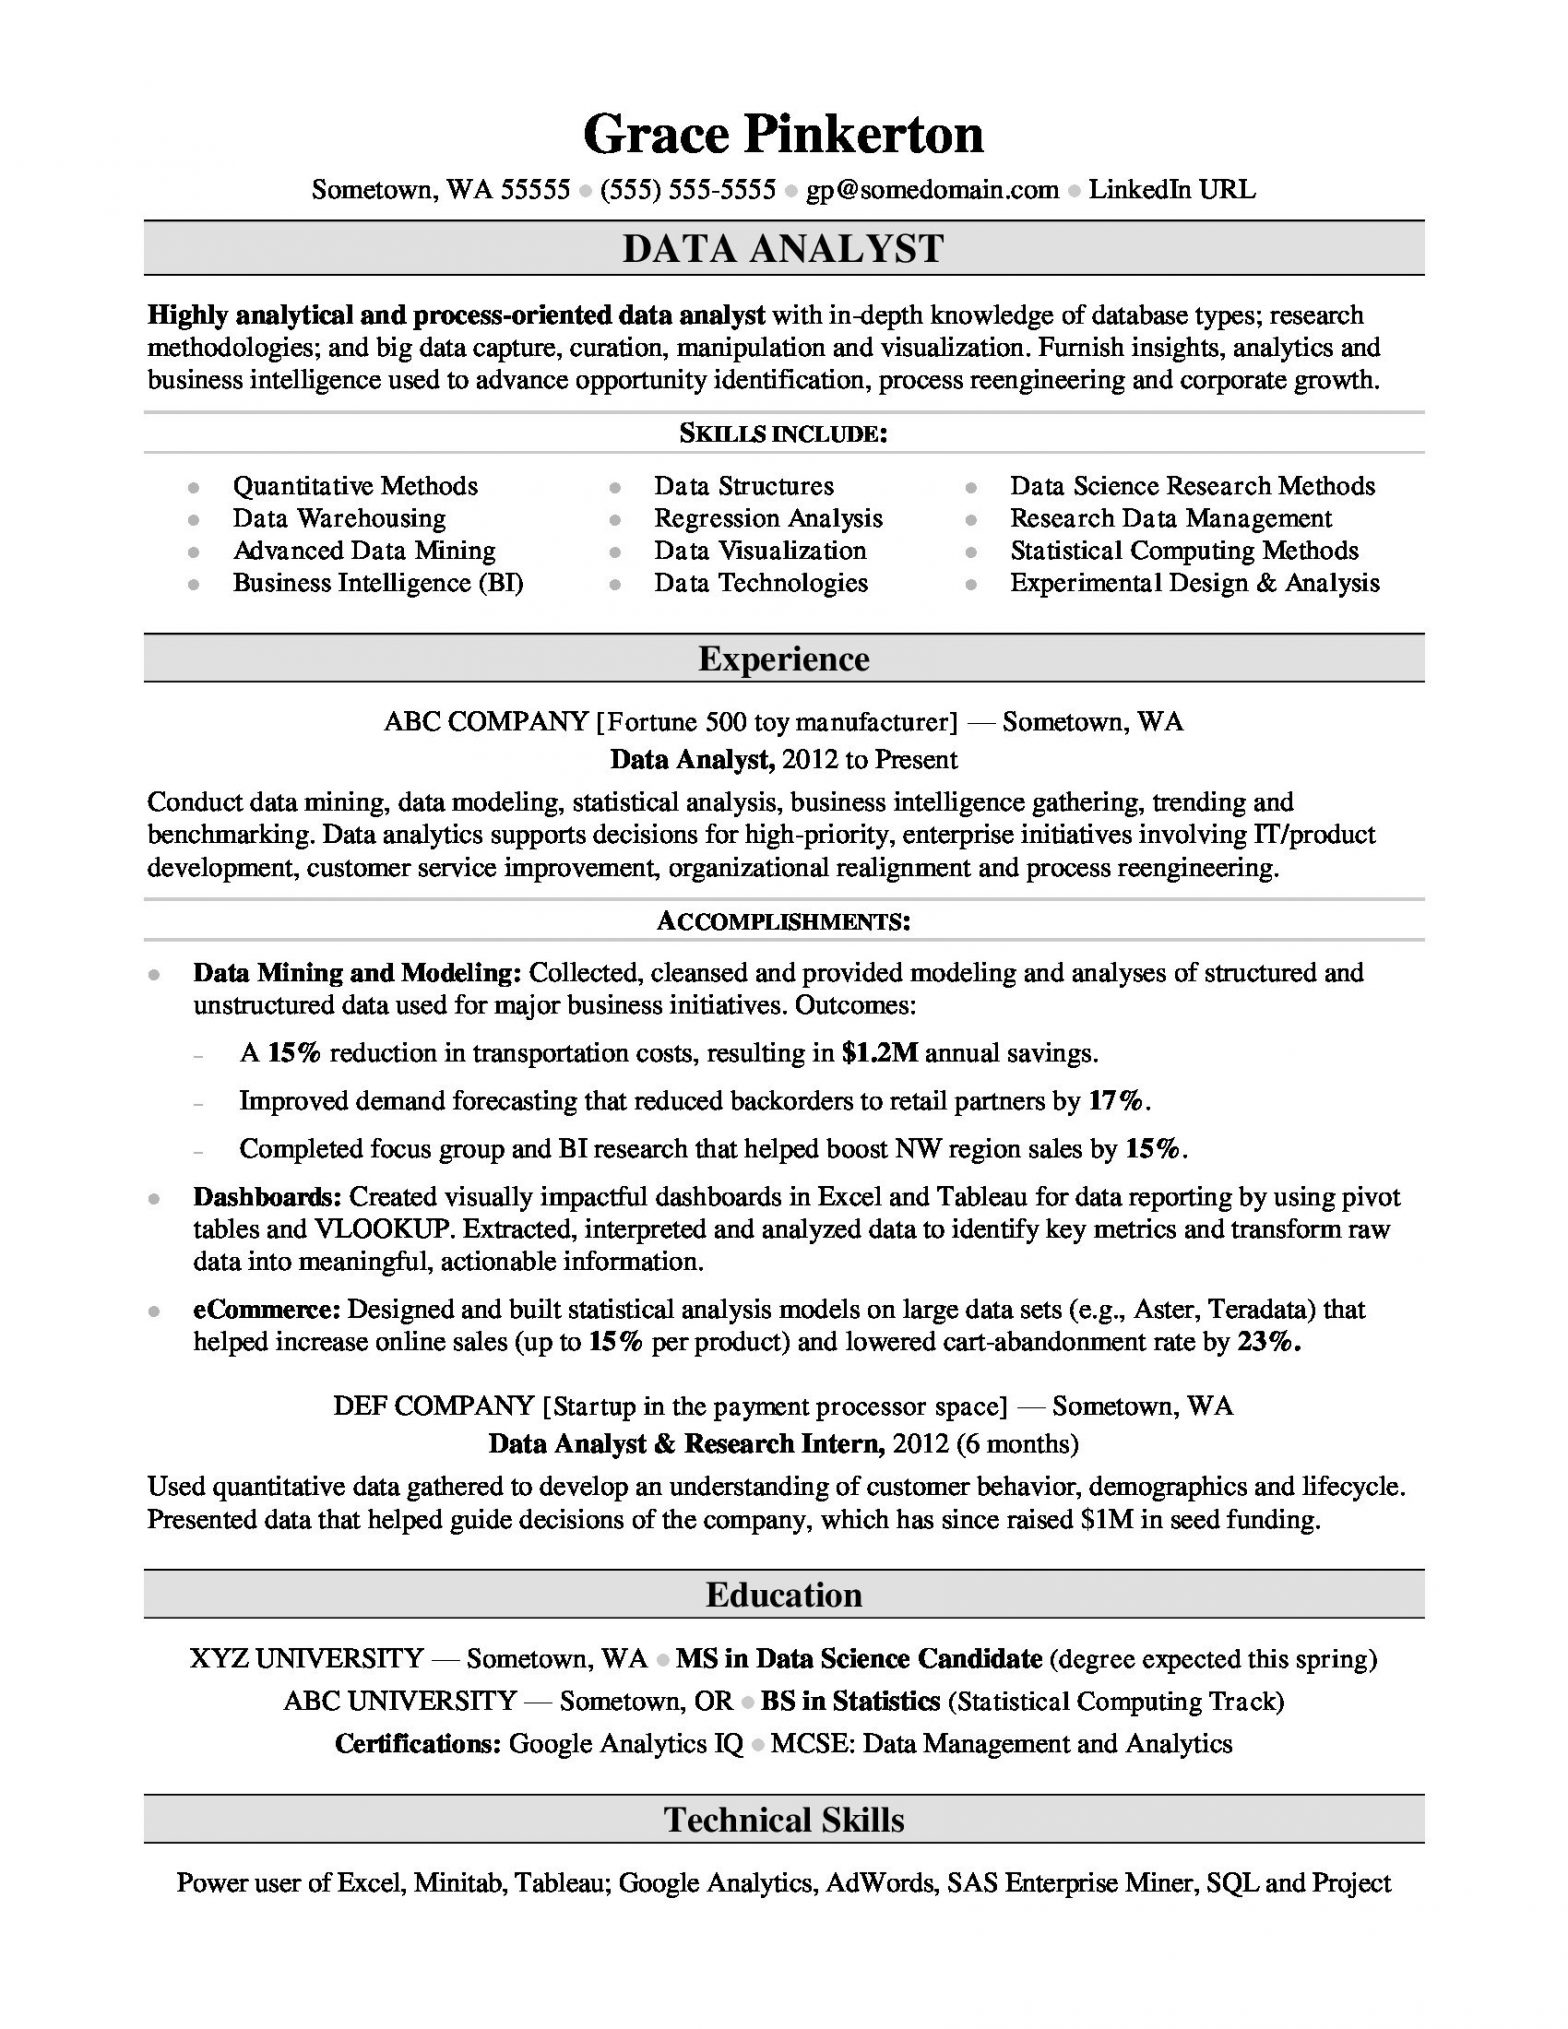 Data Analyst Resume Sample Entry Level Data Analyst Resume Sample Monster.com